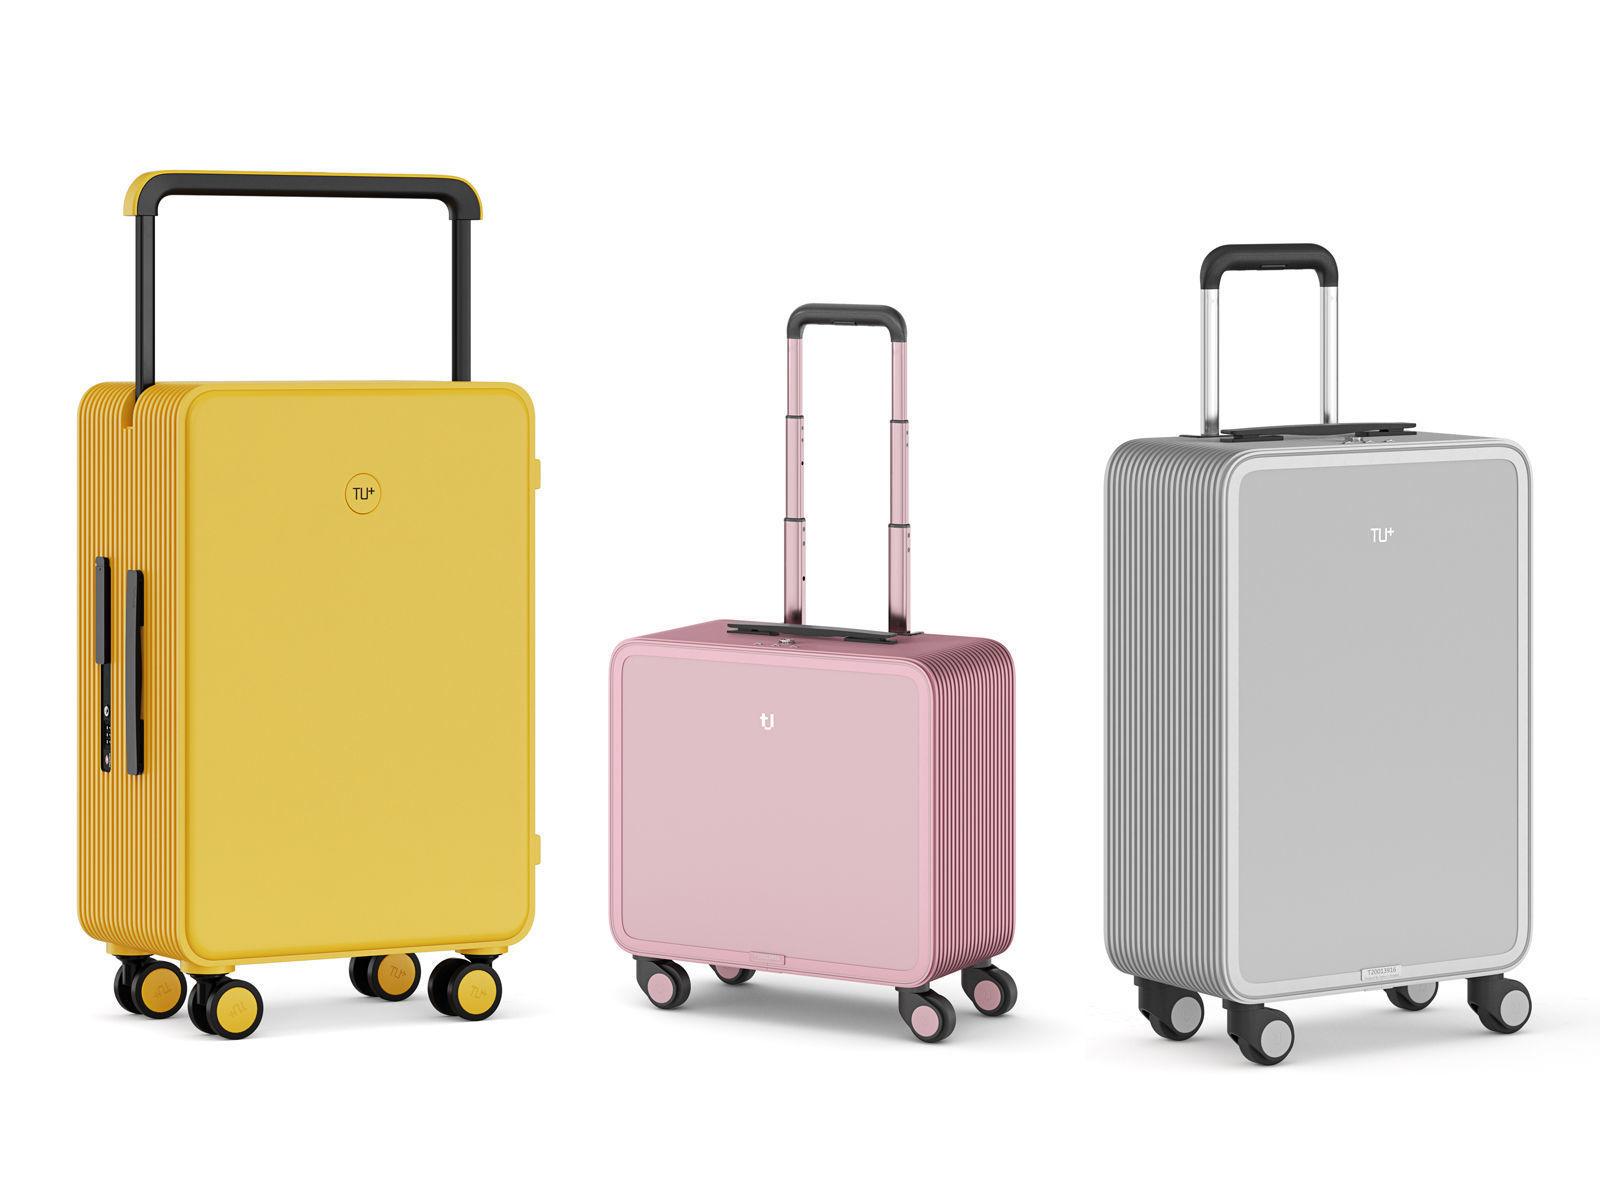 TUPLUS Luggage Set